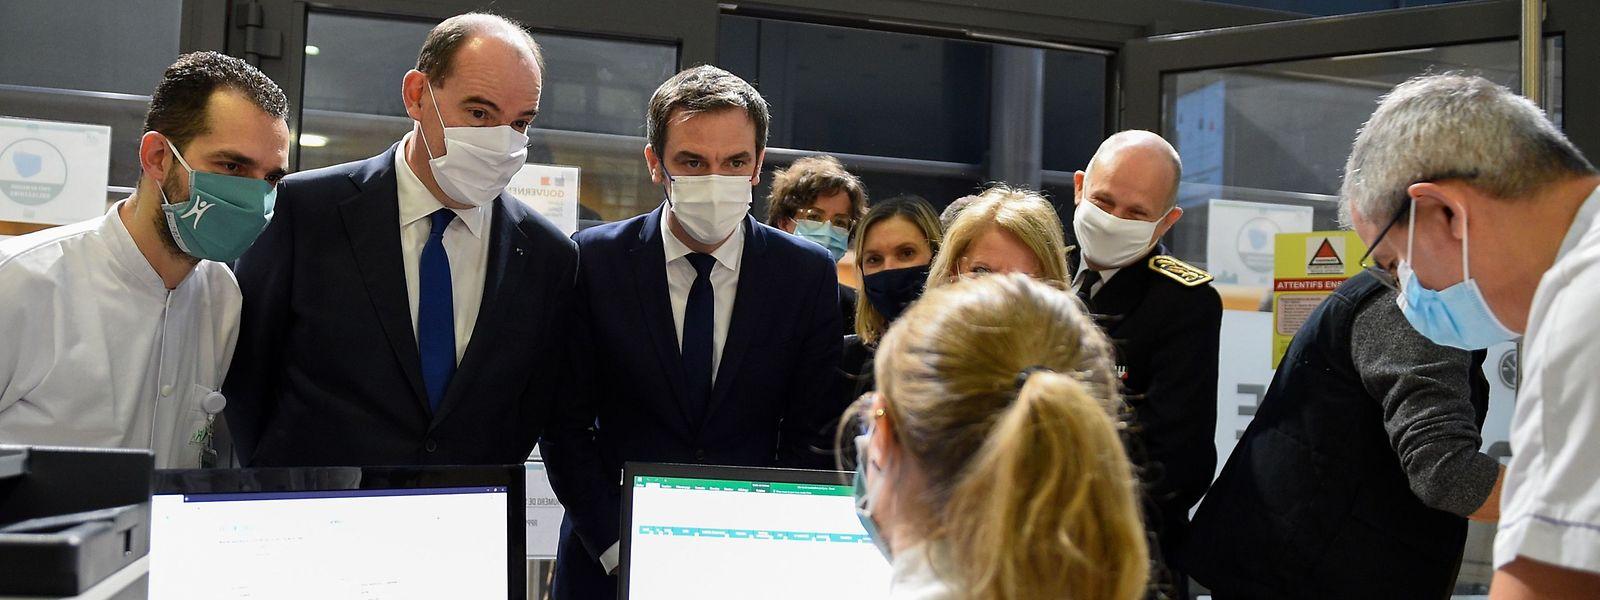 Le Premier ministre français Jean Castex et le ministre de la Santé ont passé la journée à Metz, comme ici à l'hôpital de Mercy.